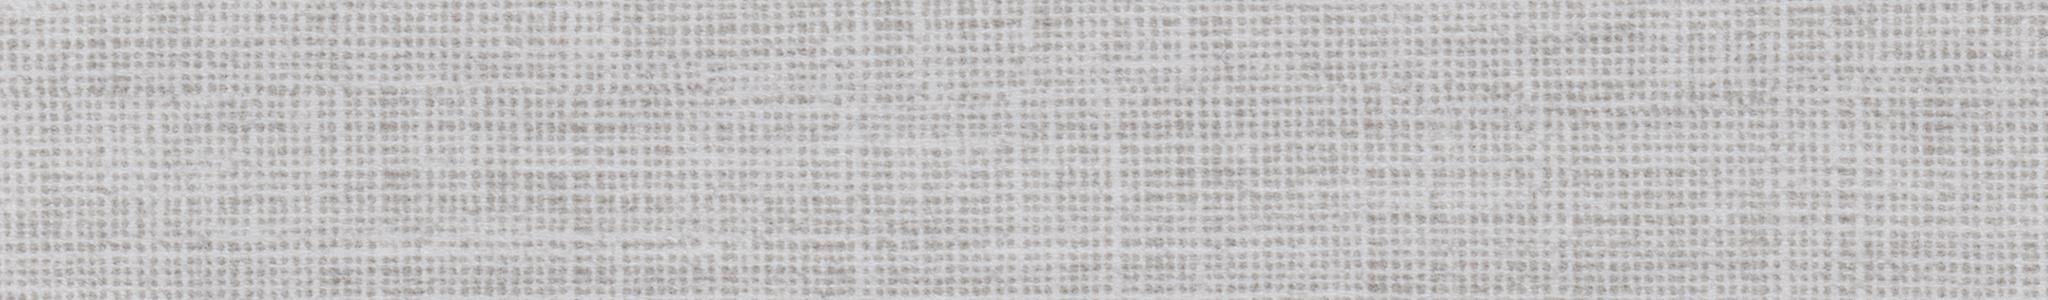 HD 690417  lamino hrana FALZ šedý textil